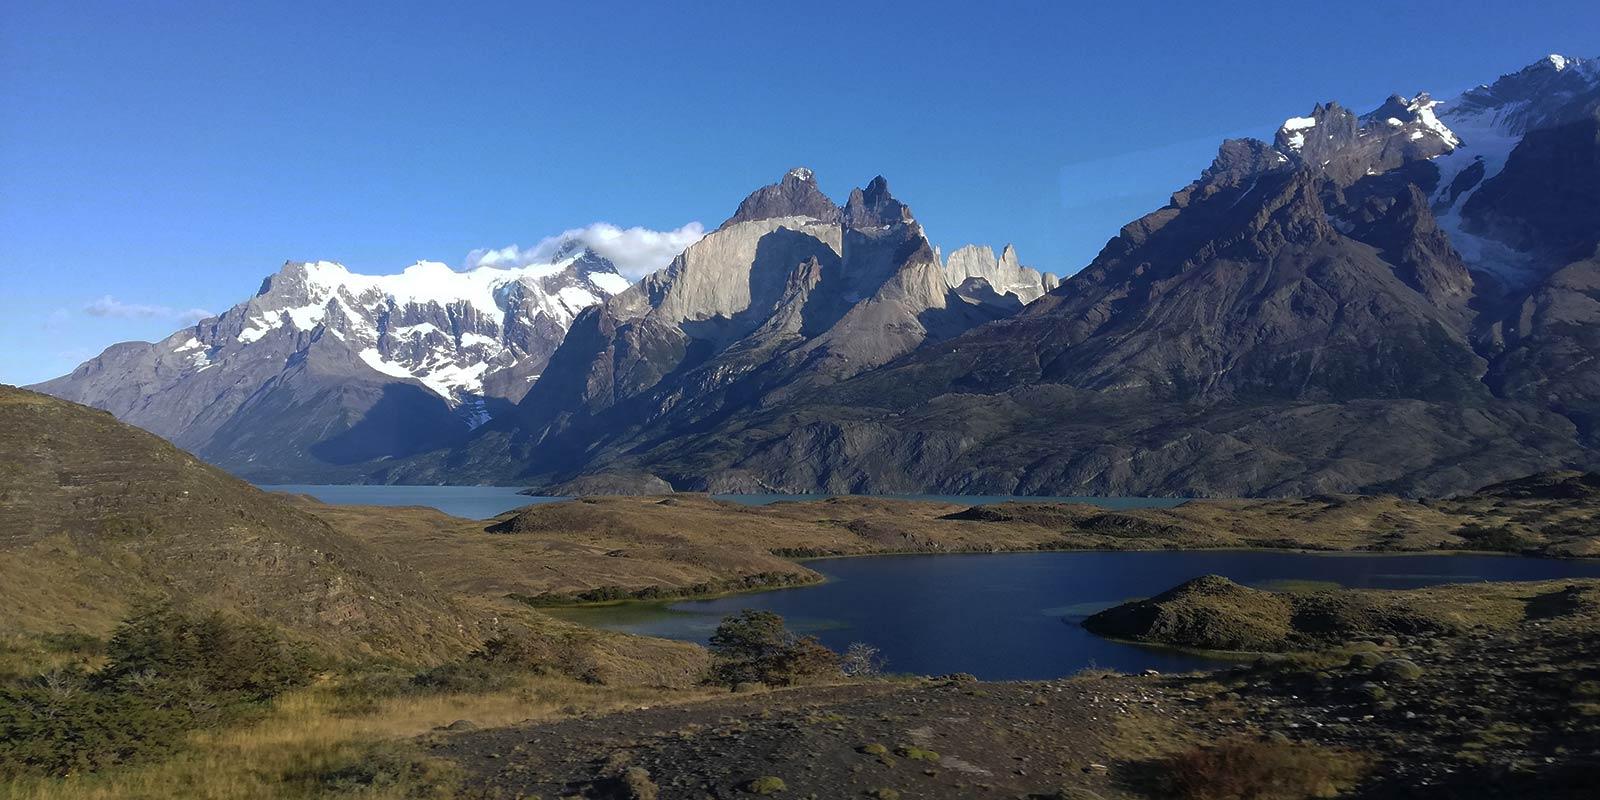 Paine Grande, Los Cuernos, Almirante Nieto, Lake Nordenskjöld